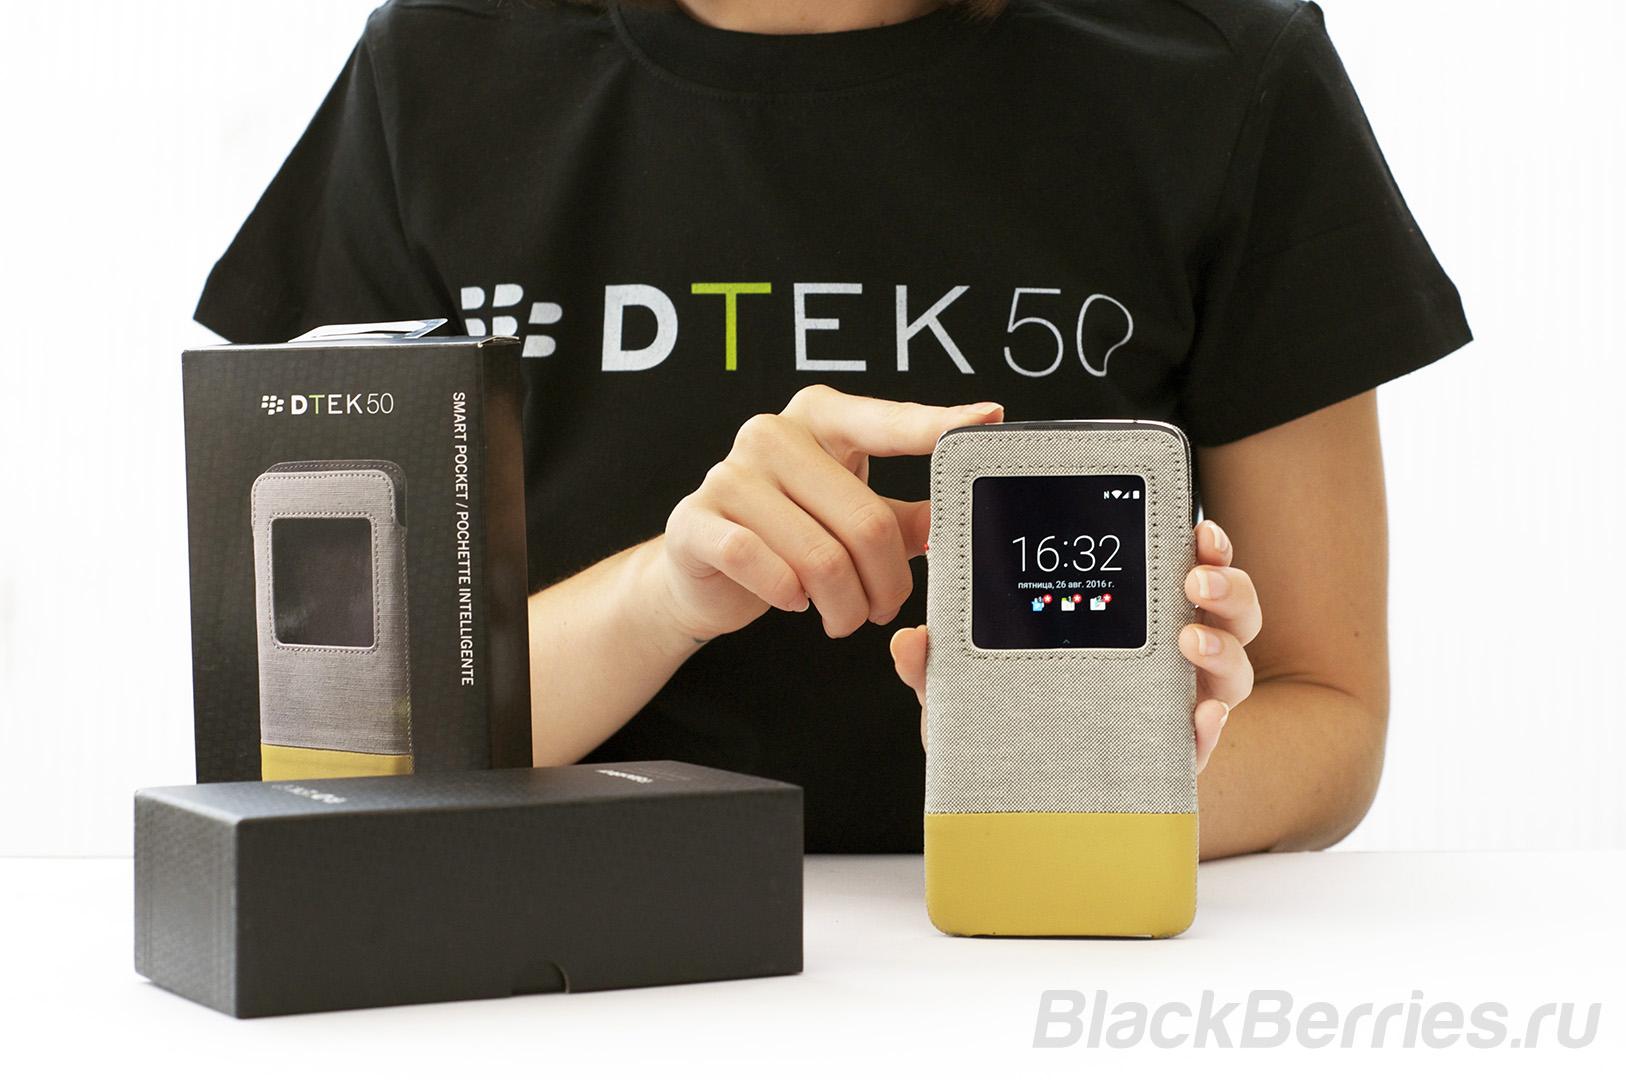 BlackBerry-DTEK50-Cases-13